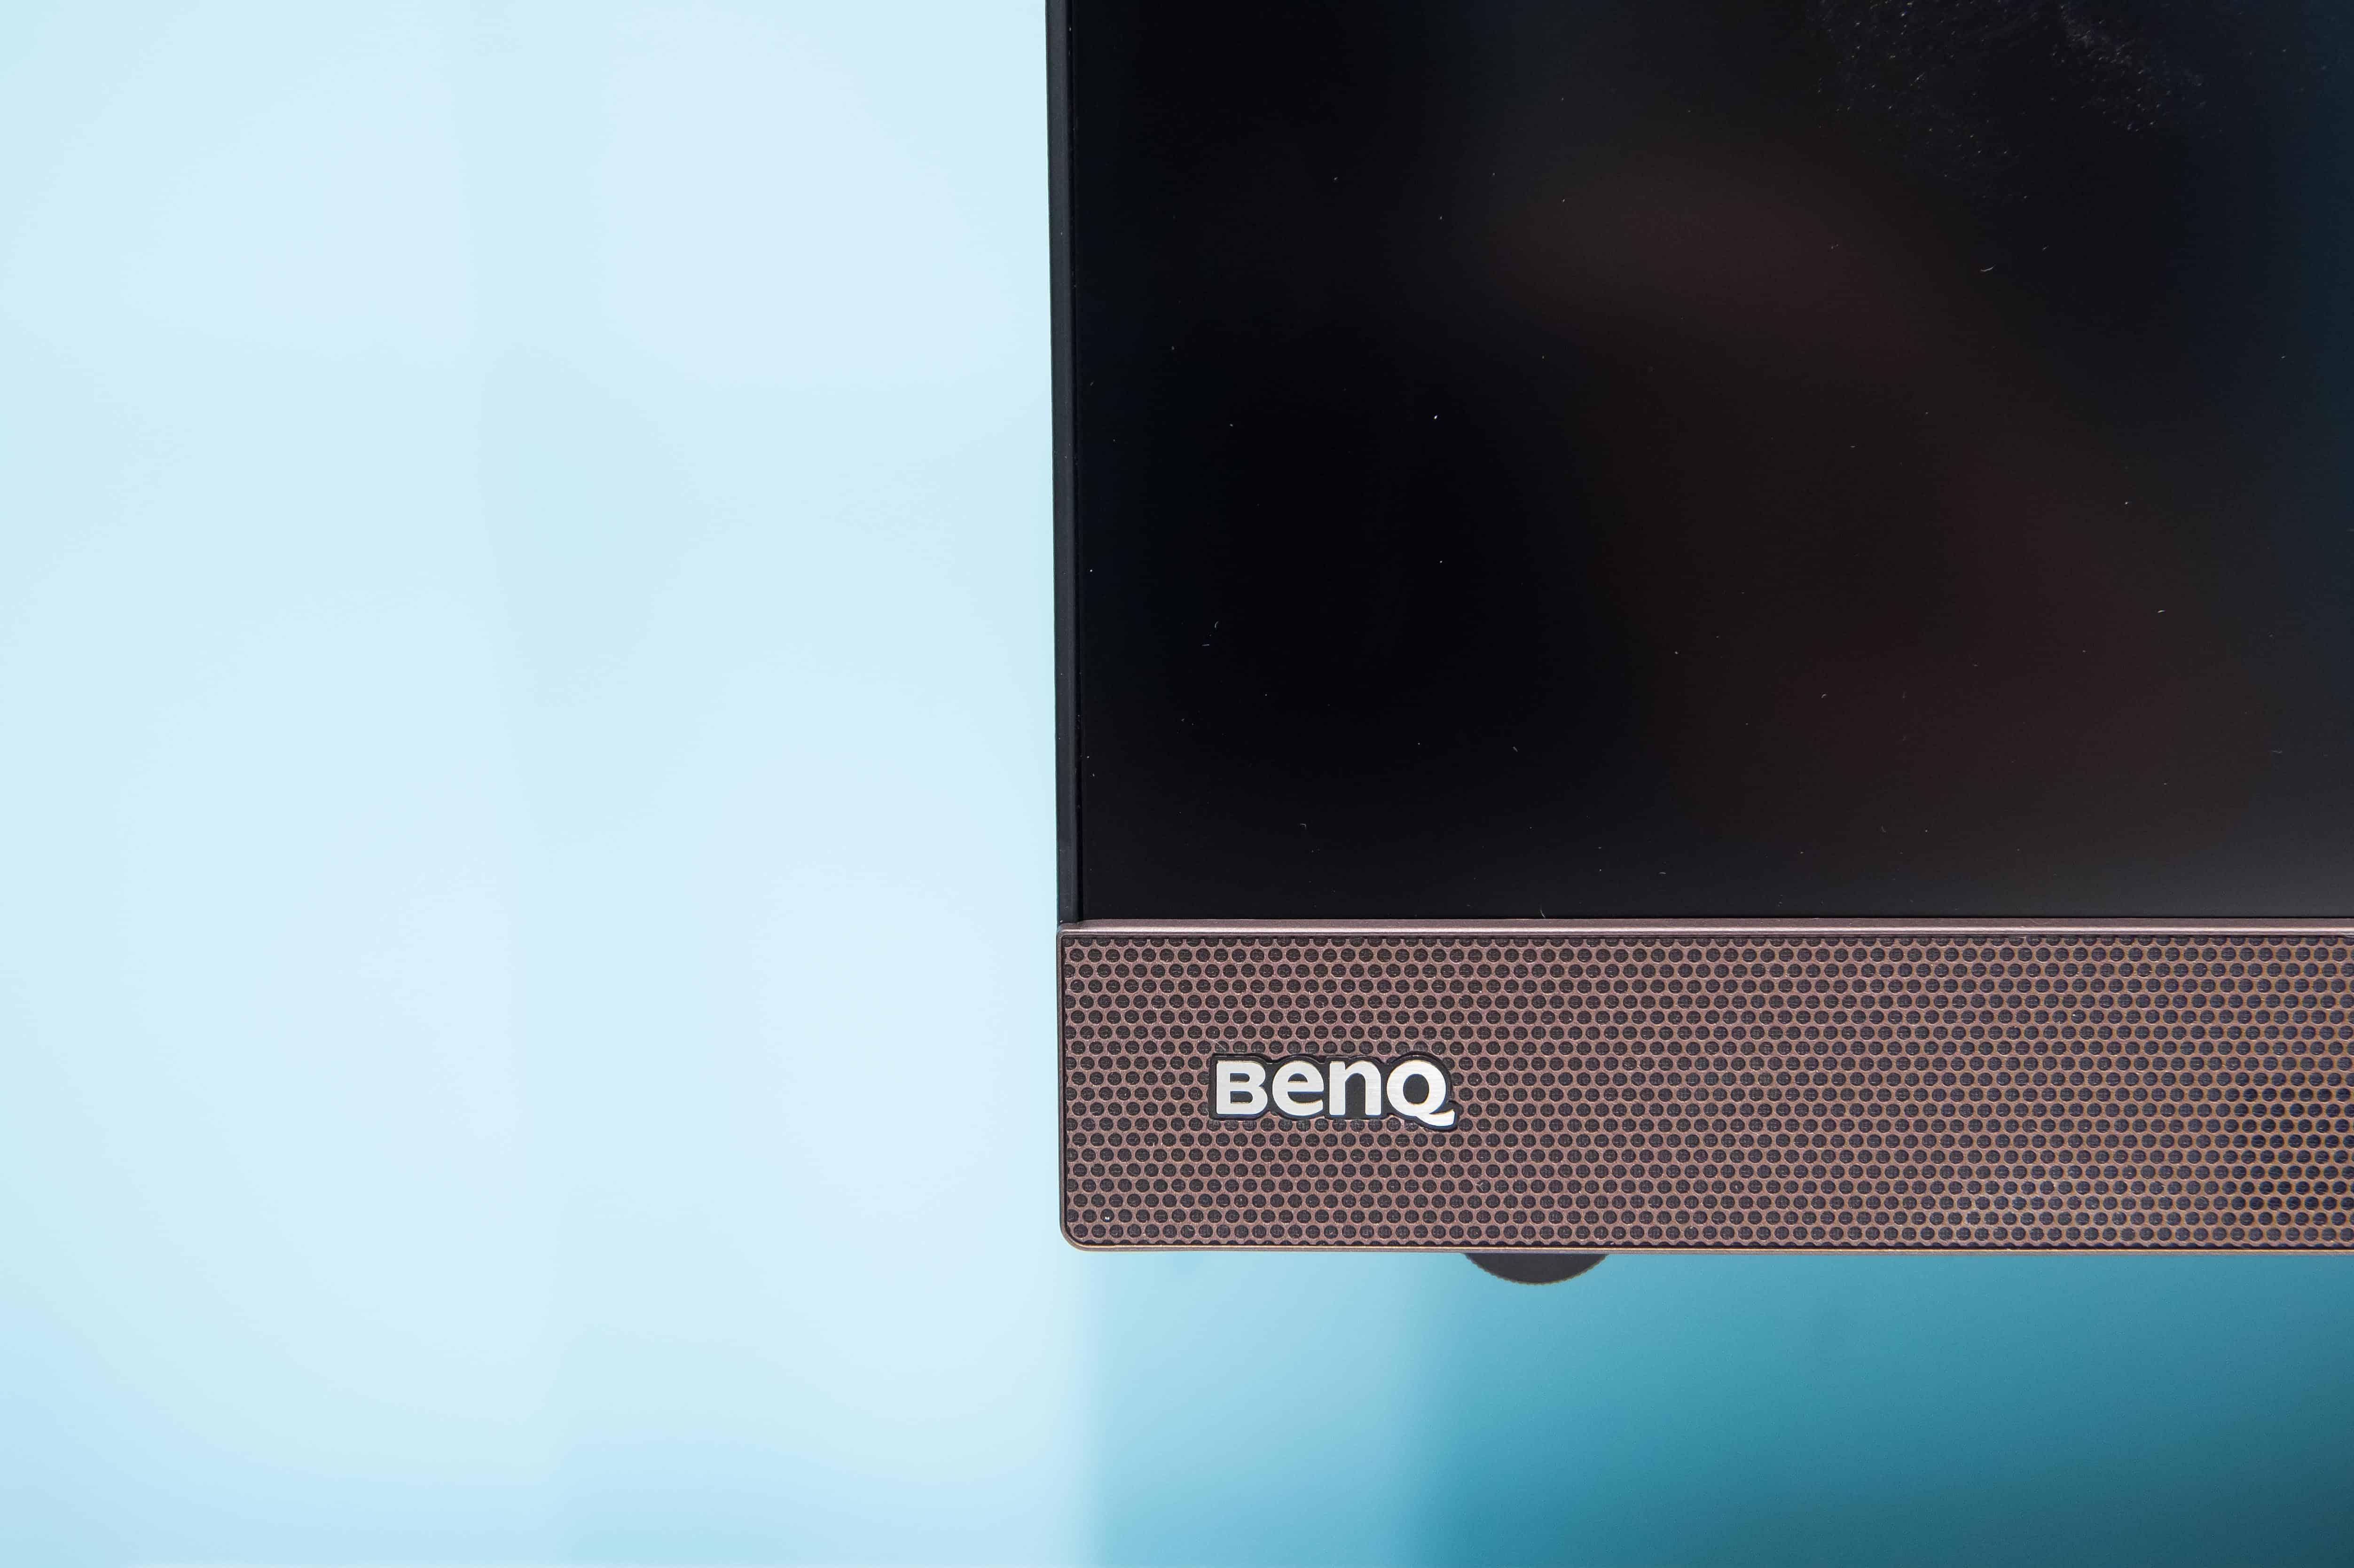 電競電影多功能新寵,BenQ 高質感4K HDRi螢幕 - EW3280U開箱